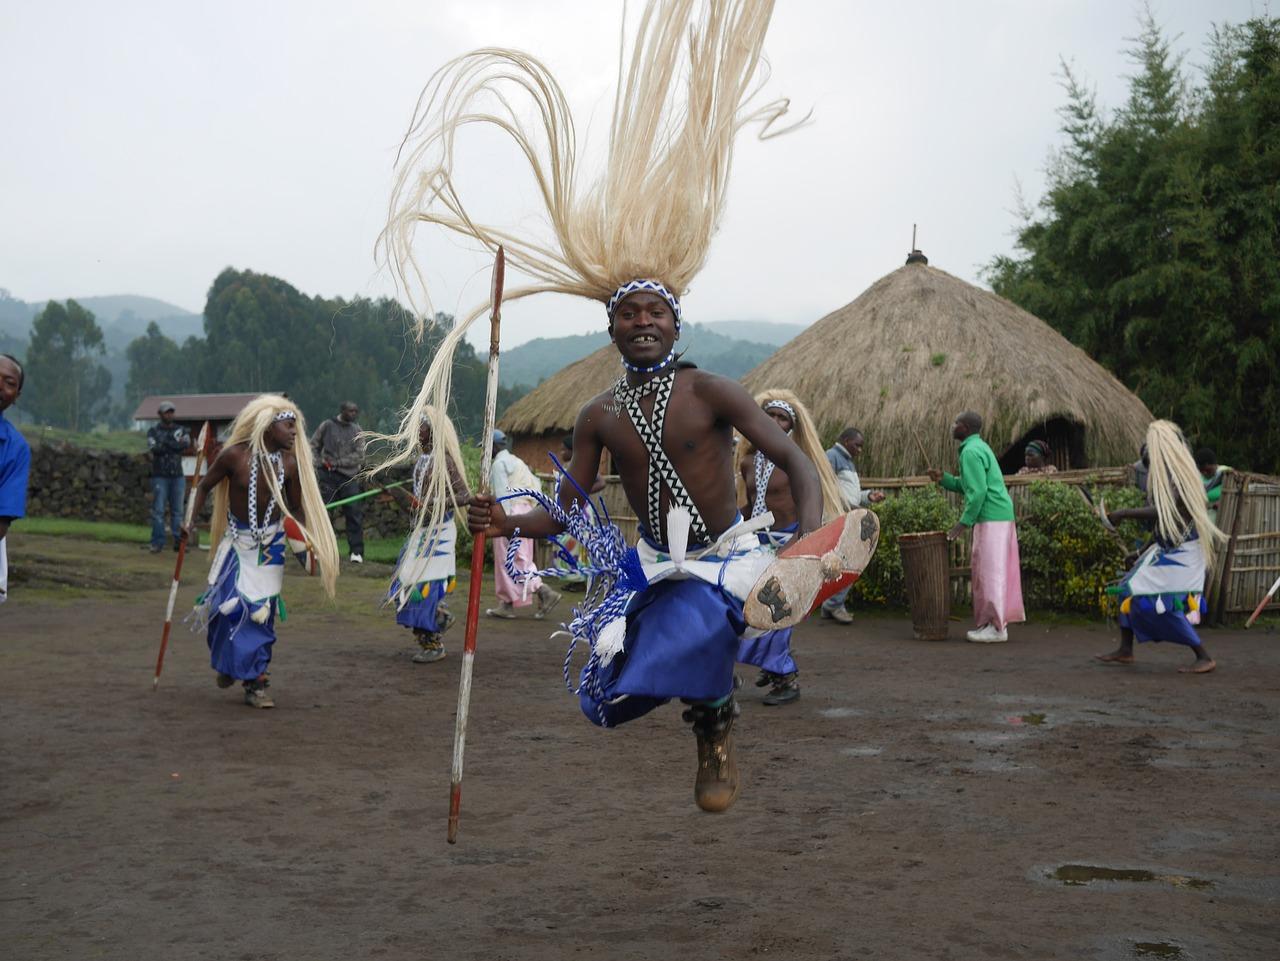 Tout ce qu'il faut savoir à propos d'un voyage culturel organisé